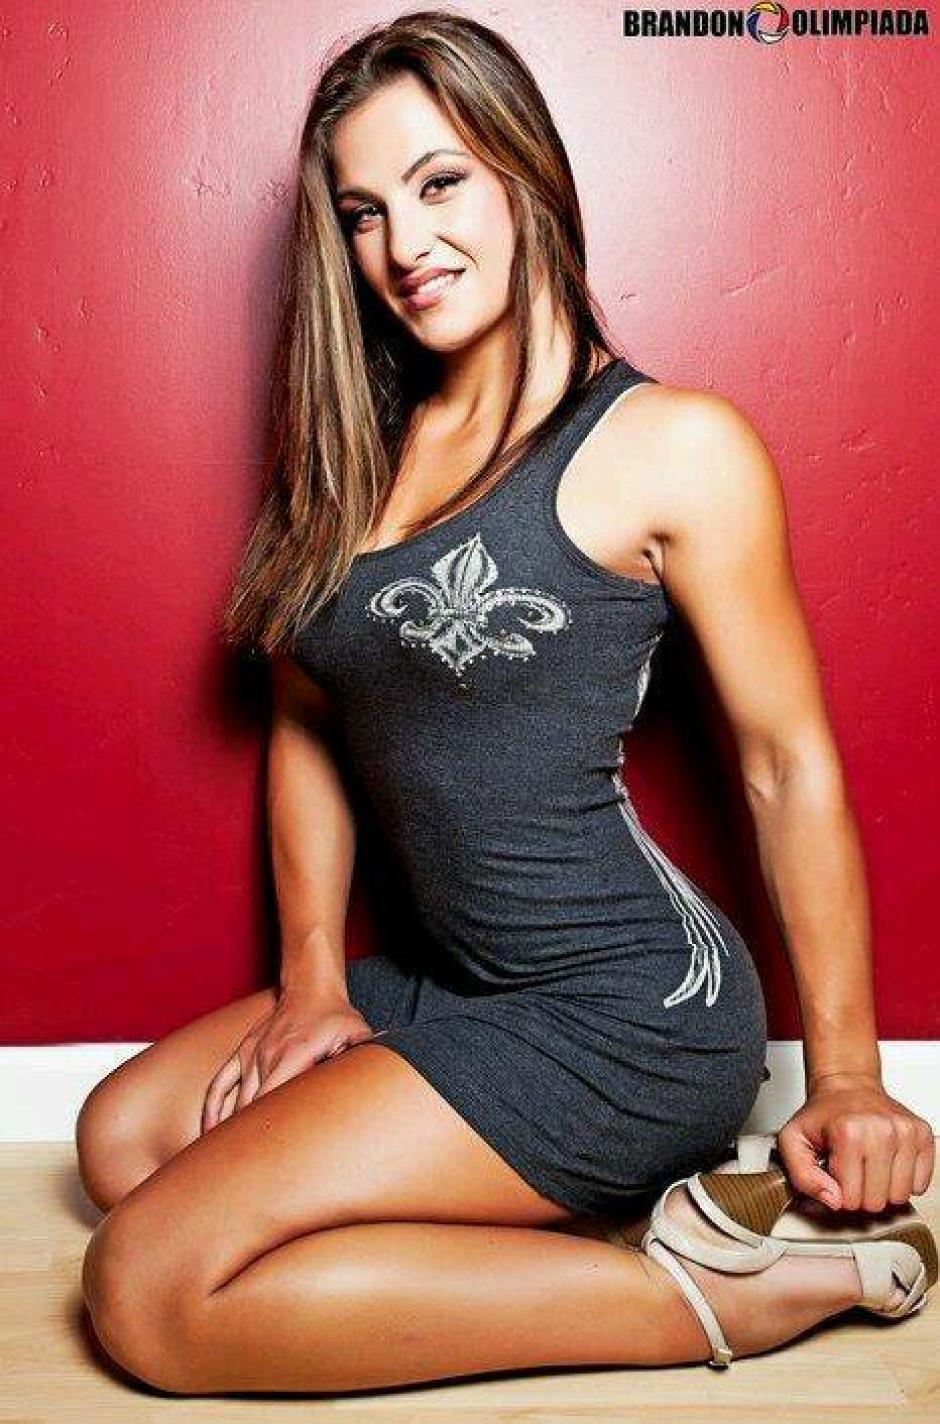 Tate enfrentará este sábado a Amanda Nune en el UFC 200. (Foto: Peru.com)